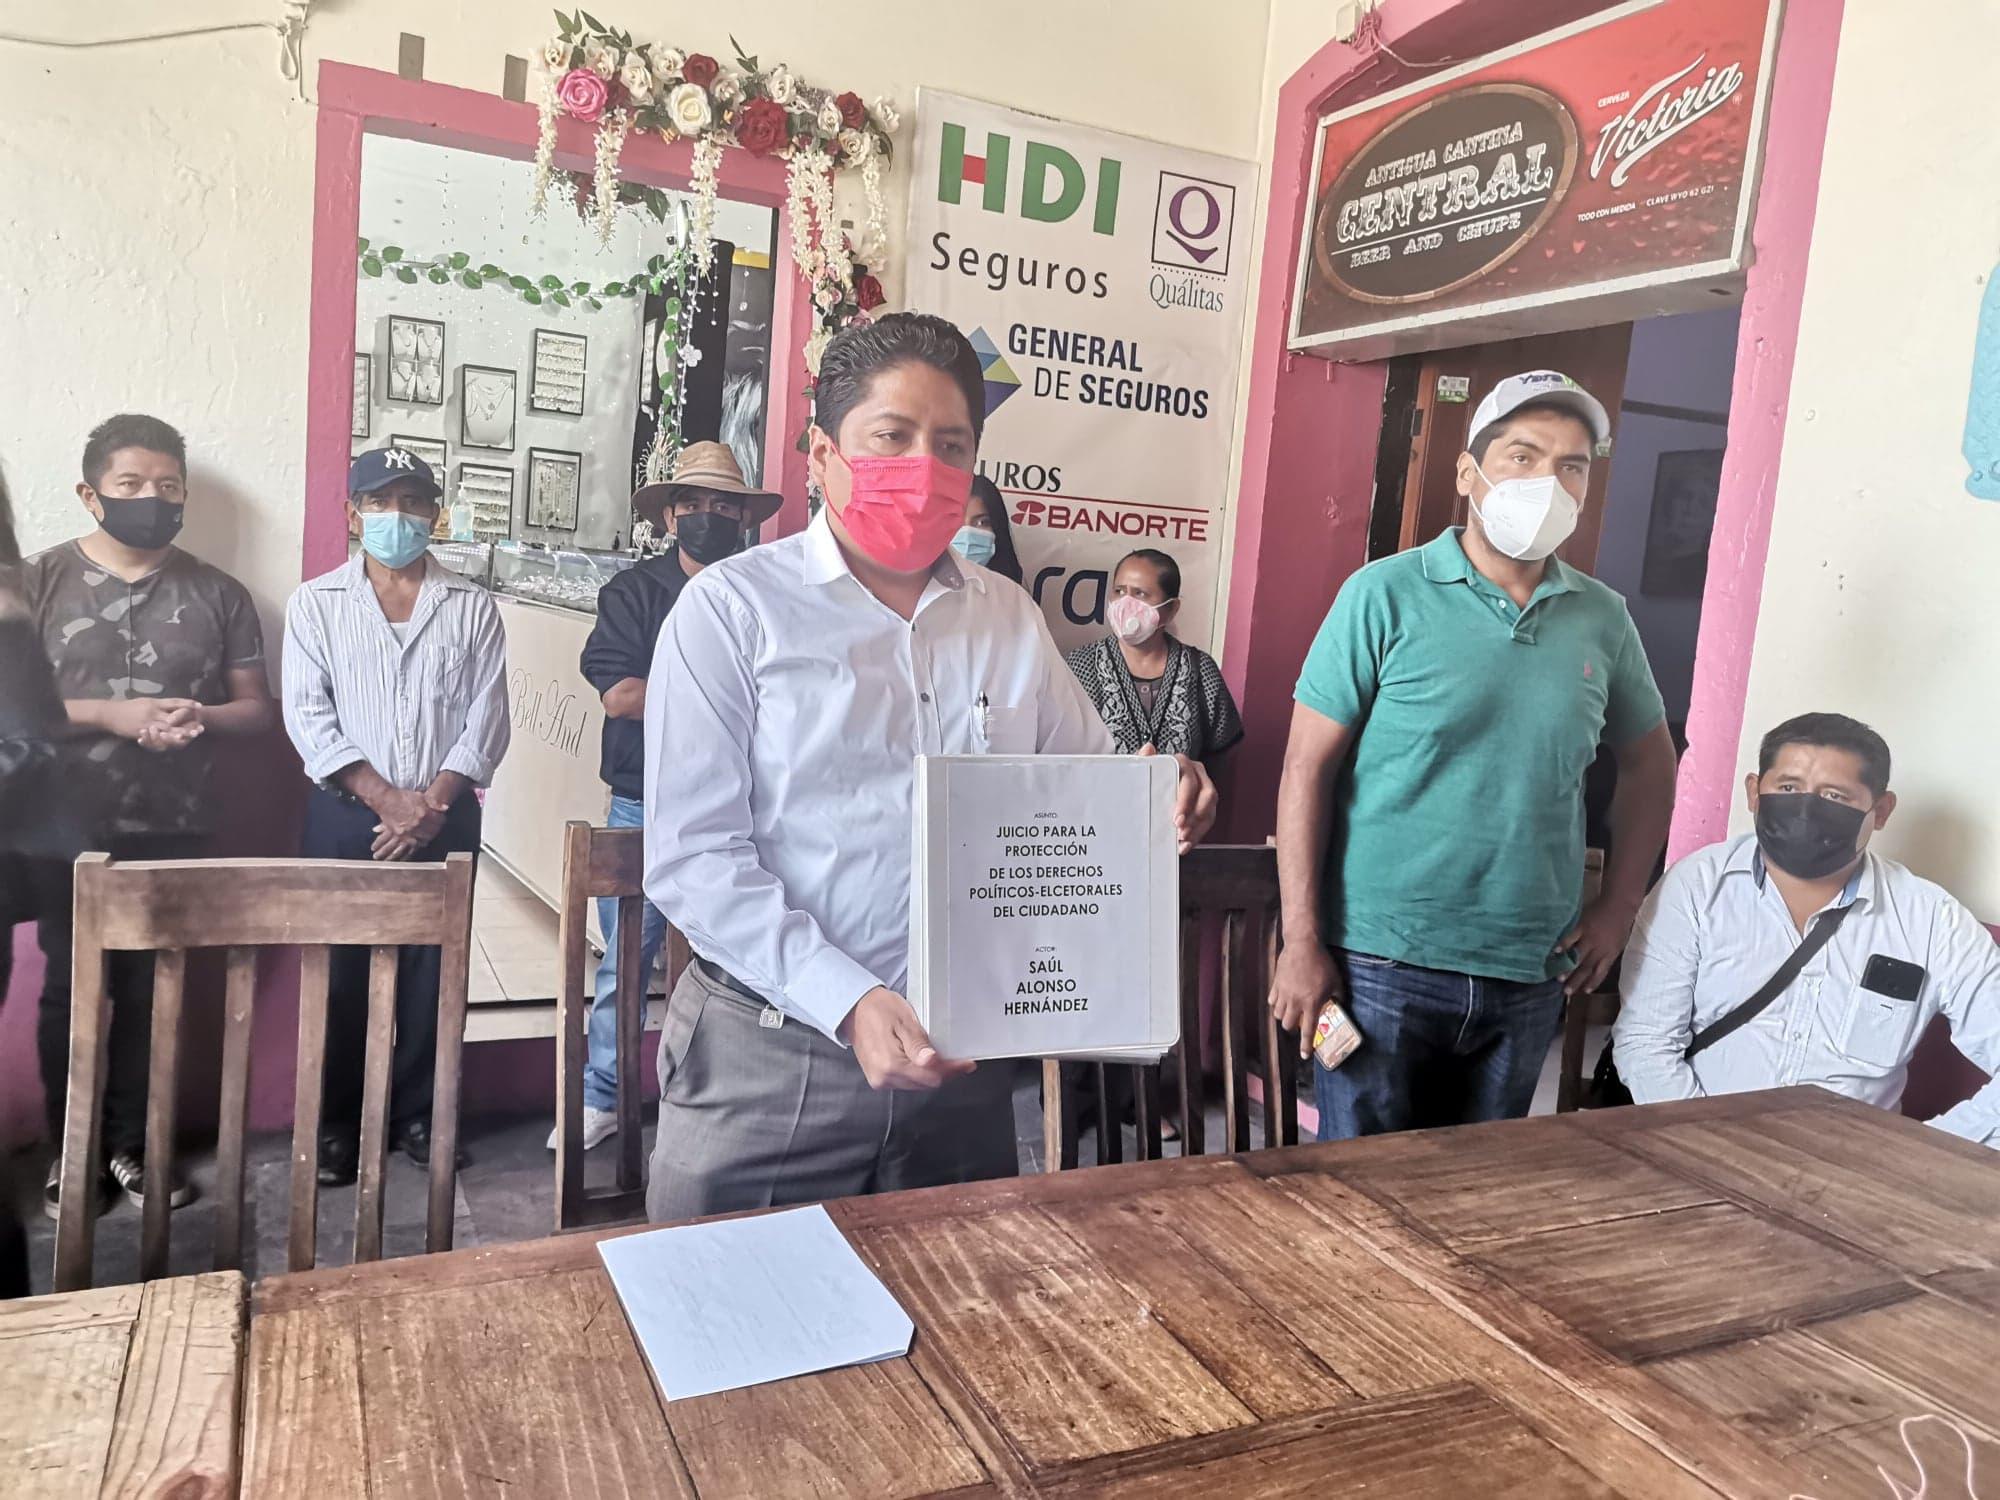 Buscan impugnar designación del candidato del PRI en Huaquechula